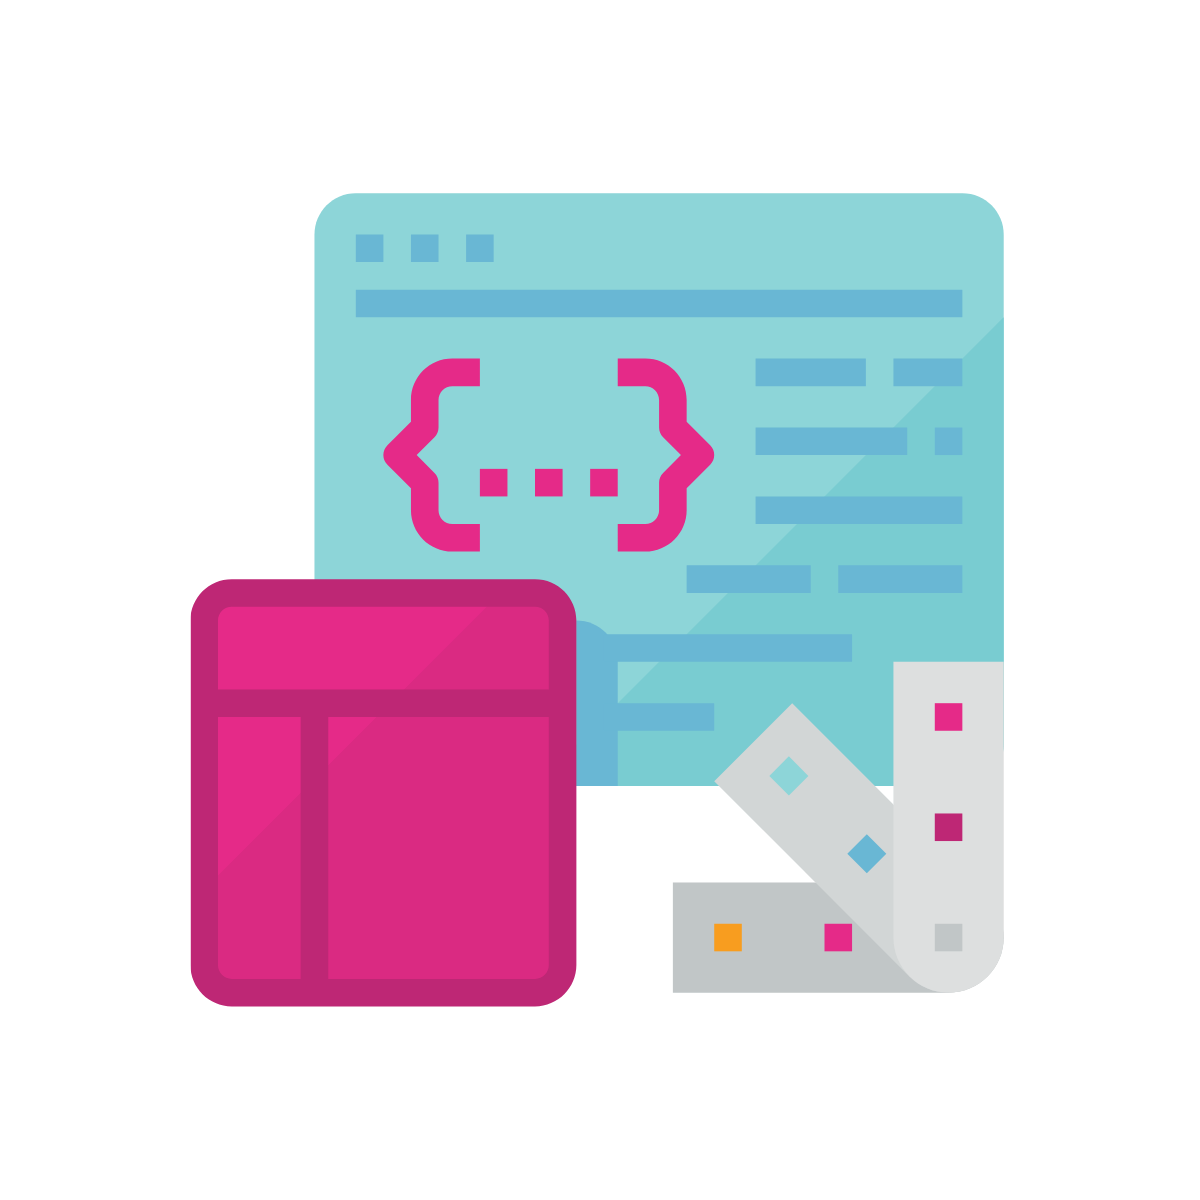 web developer icon